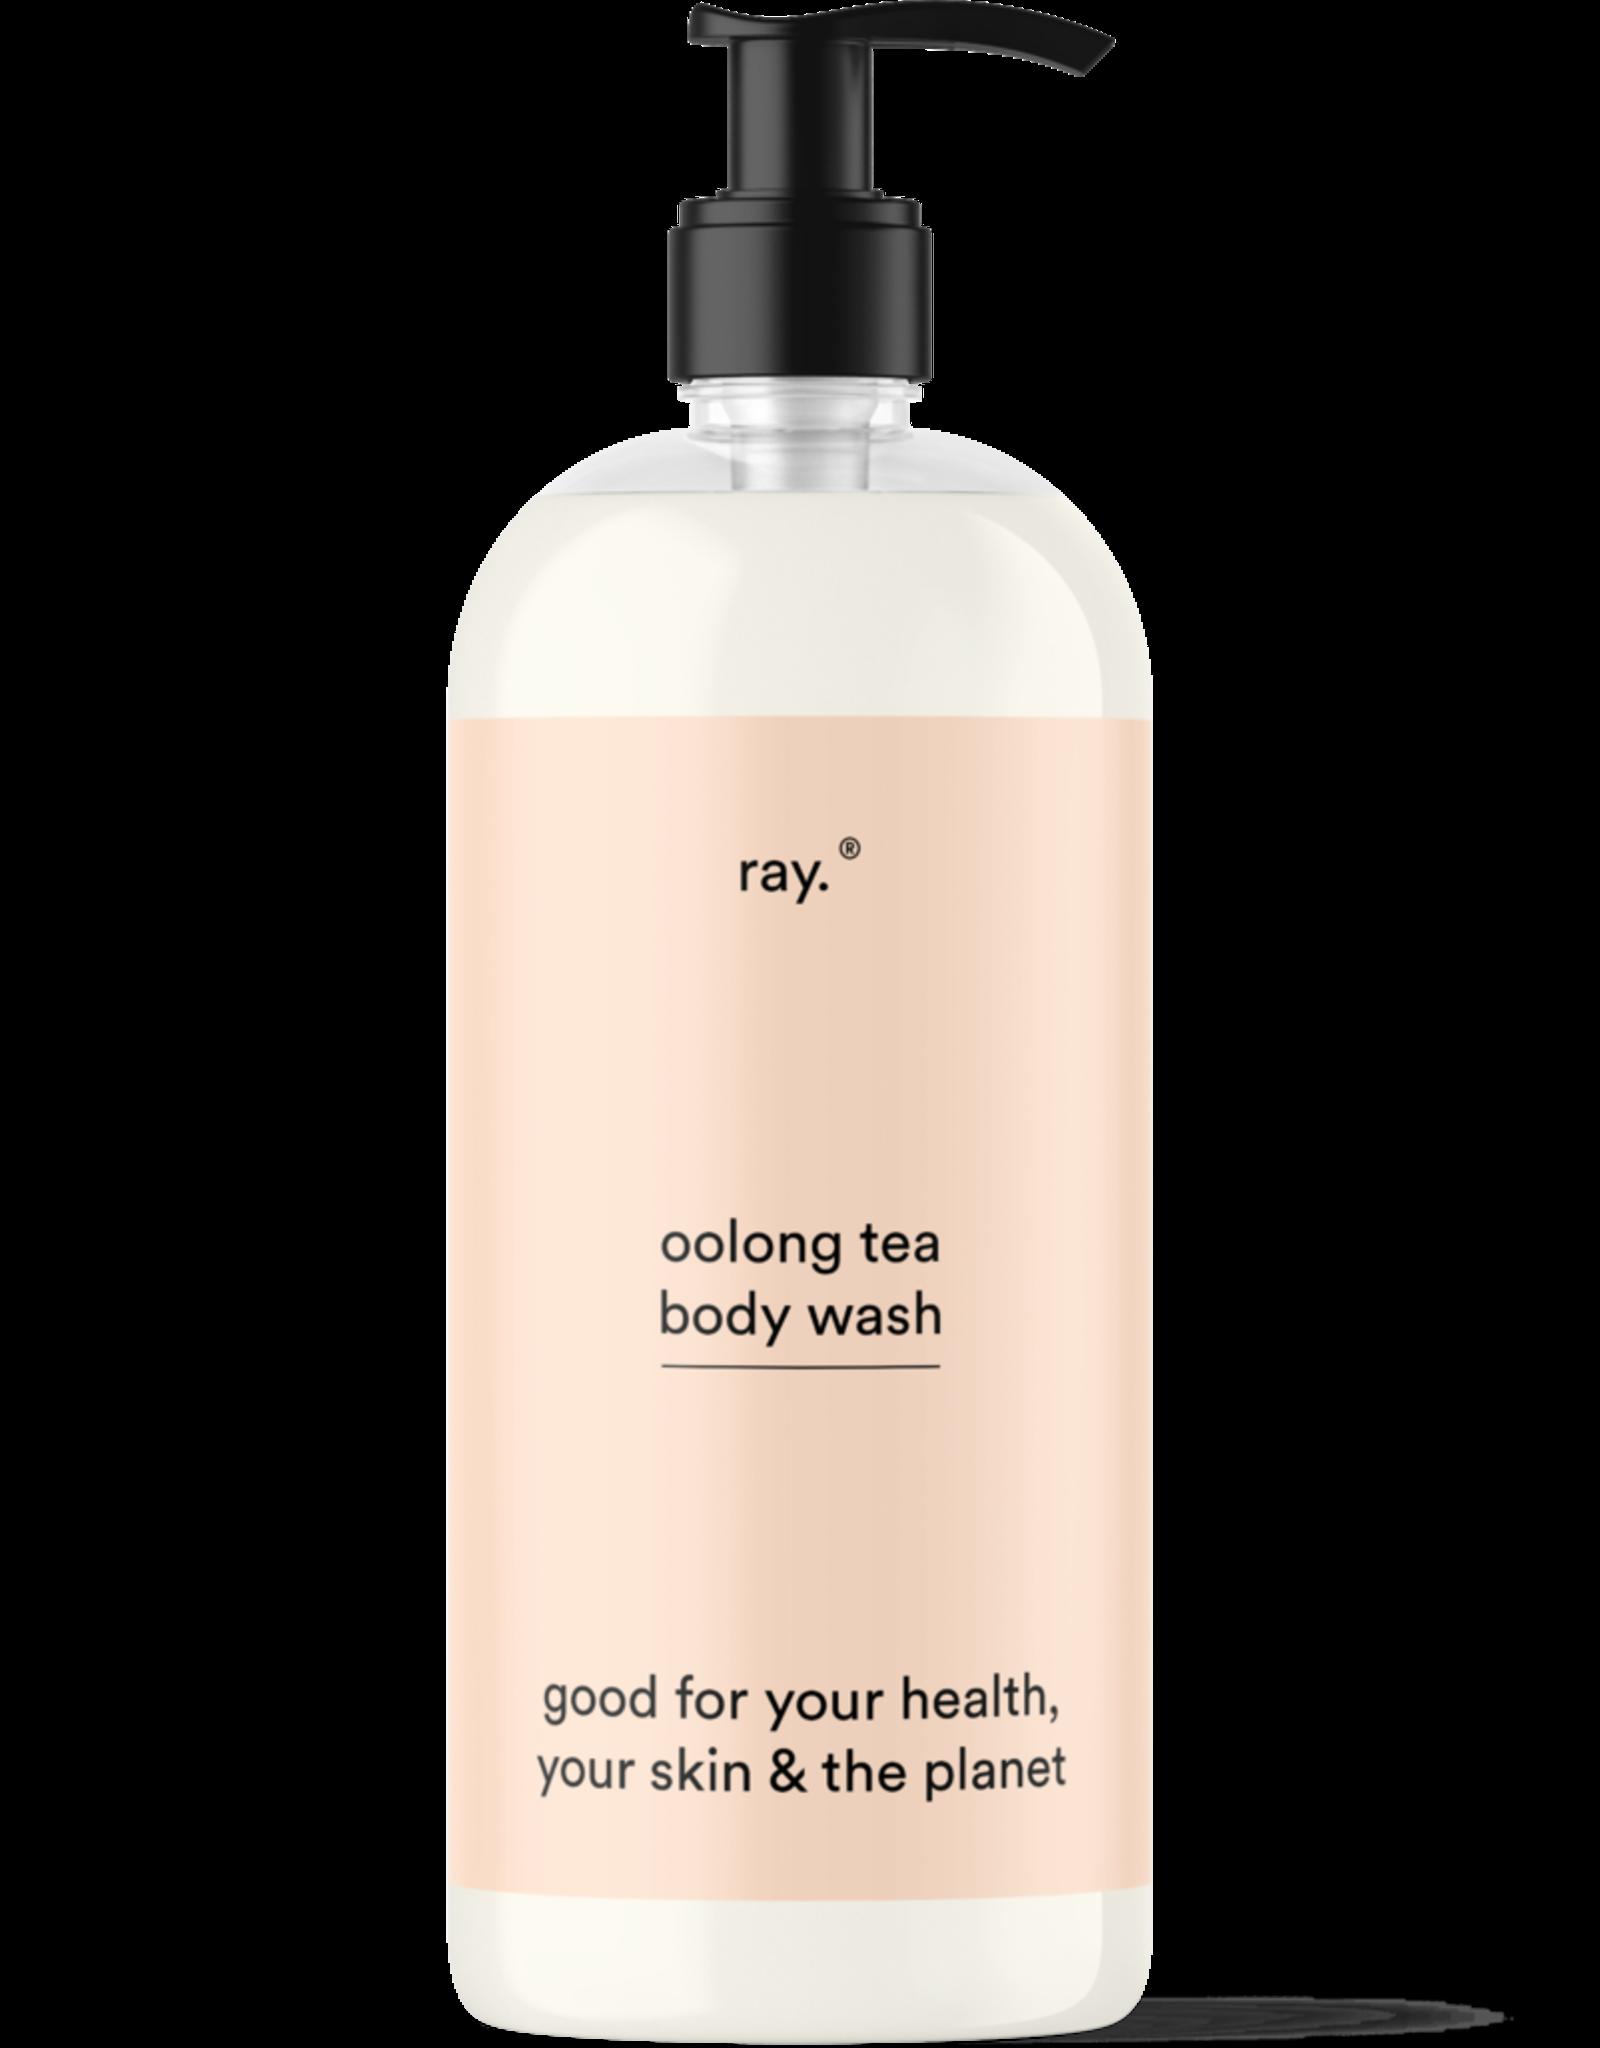 ray Ray. Body Wash - 500ml - Oolong Tea